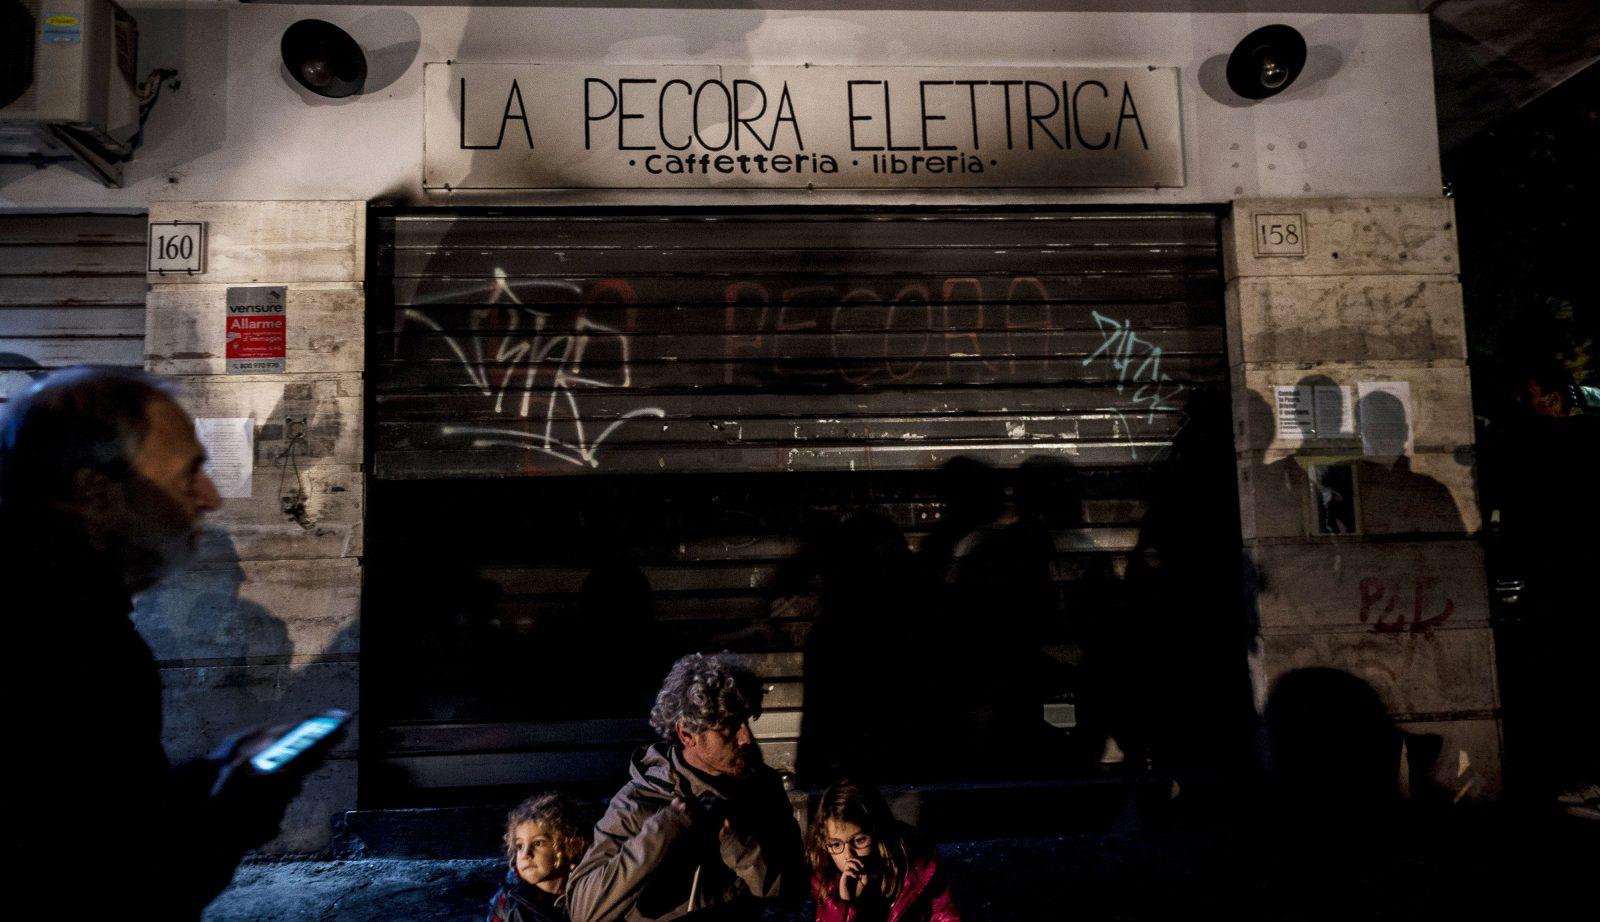 Risultati immagini per ANTONIO MASIELLO PECORA ELETTRICA GETTY IMAGES '